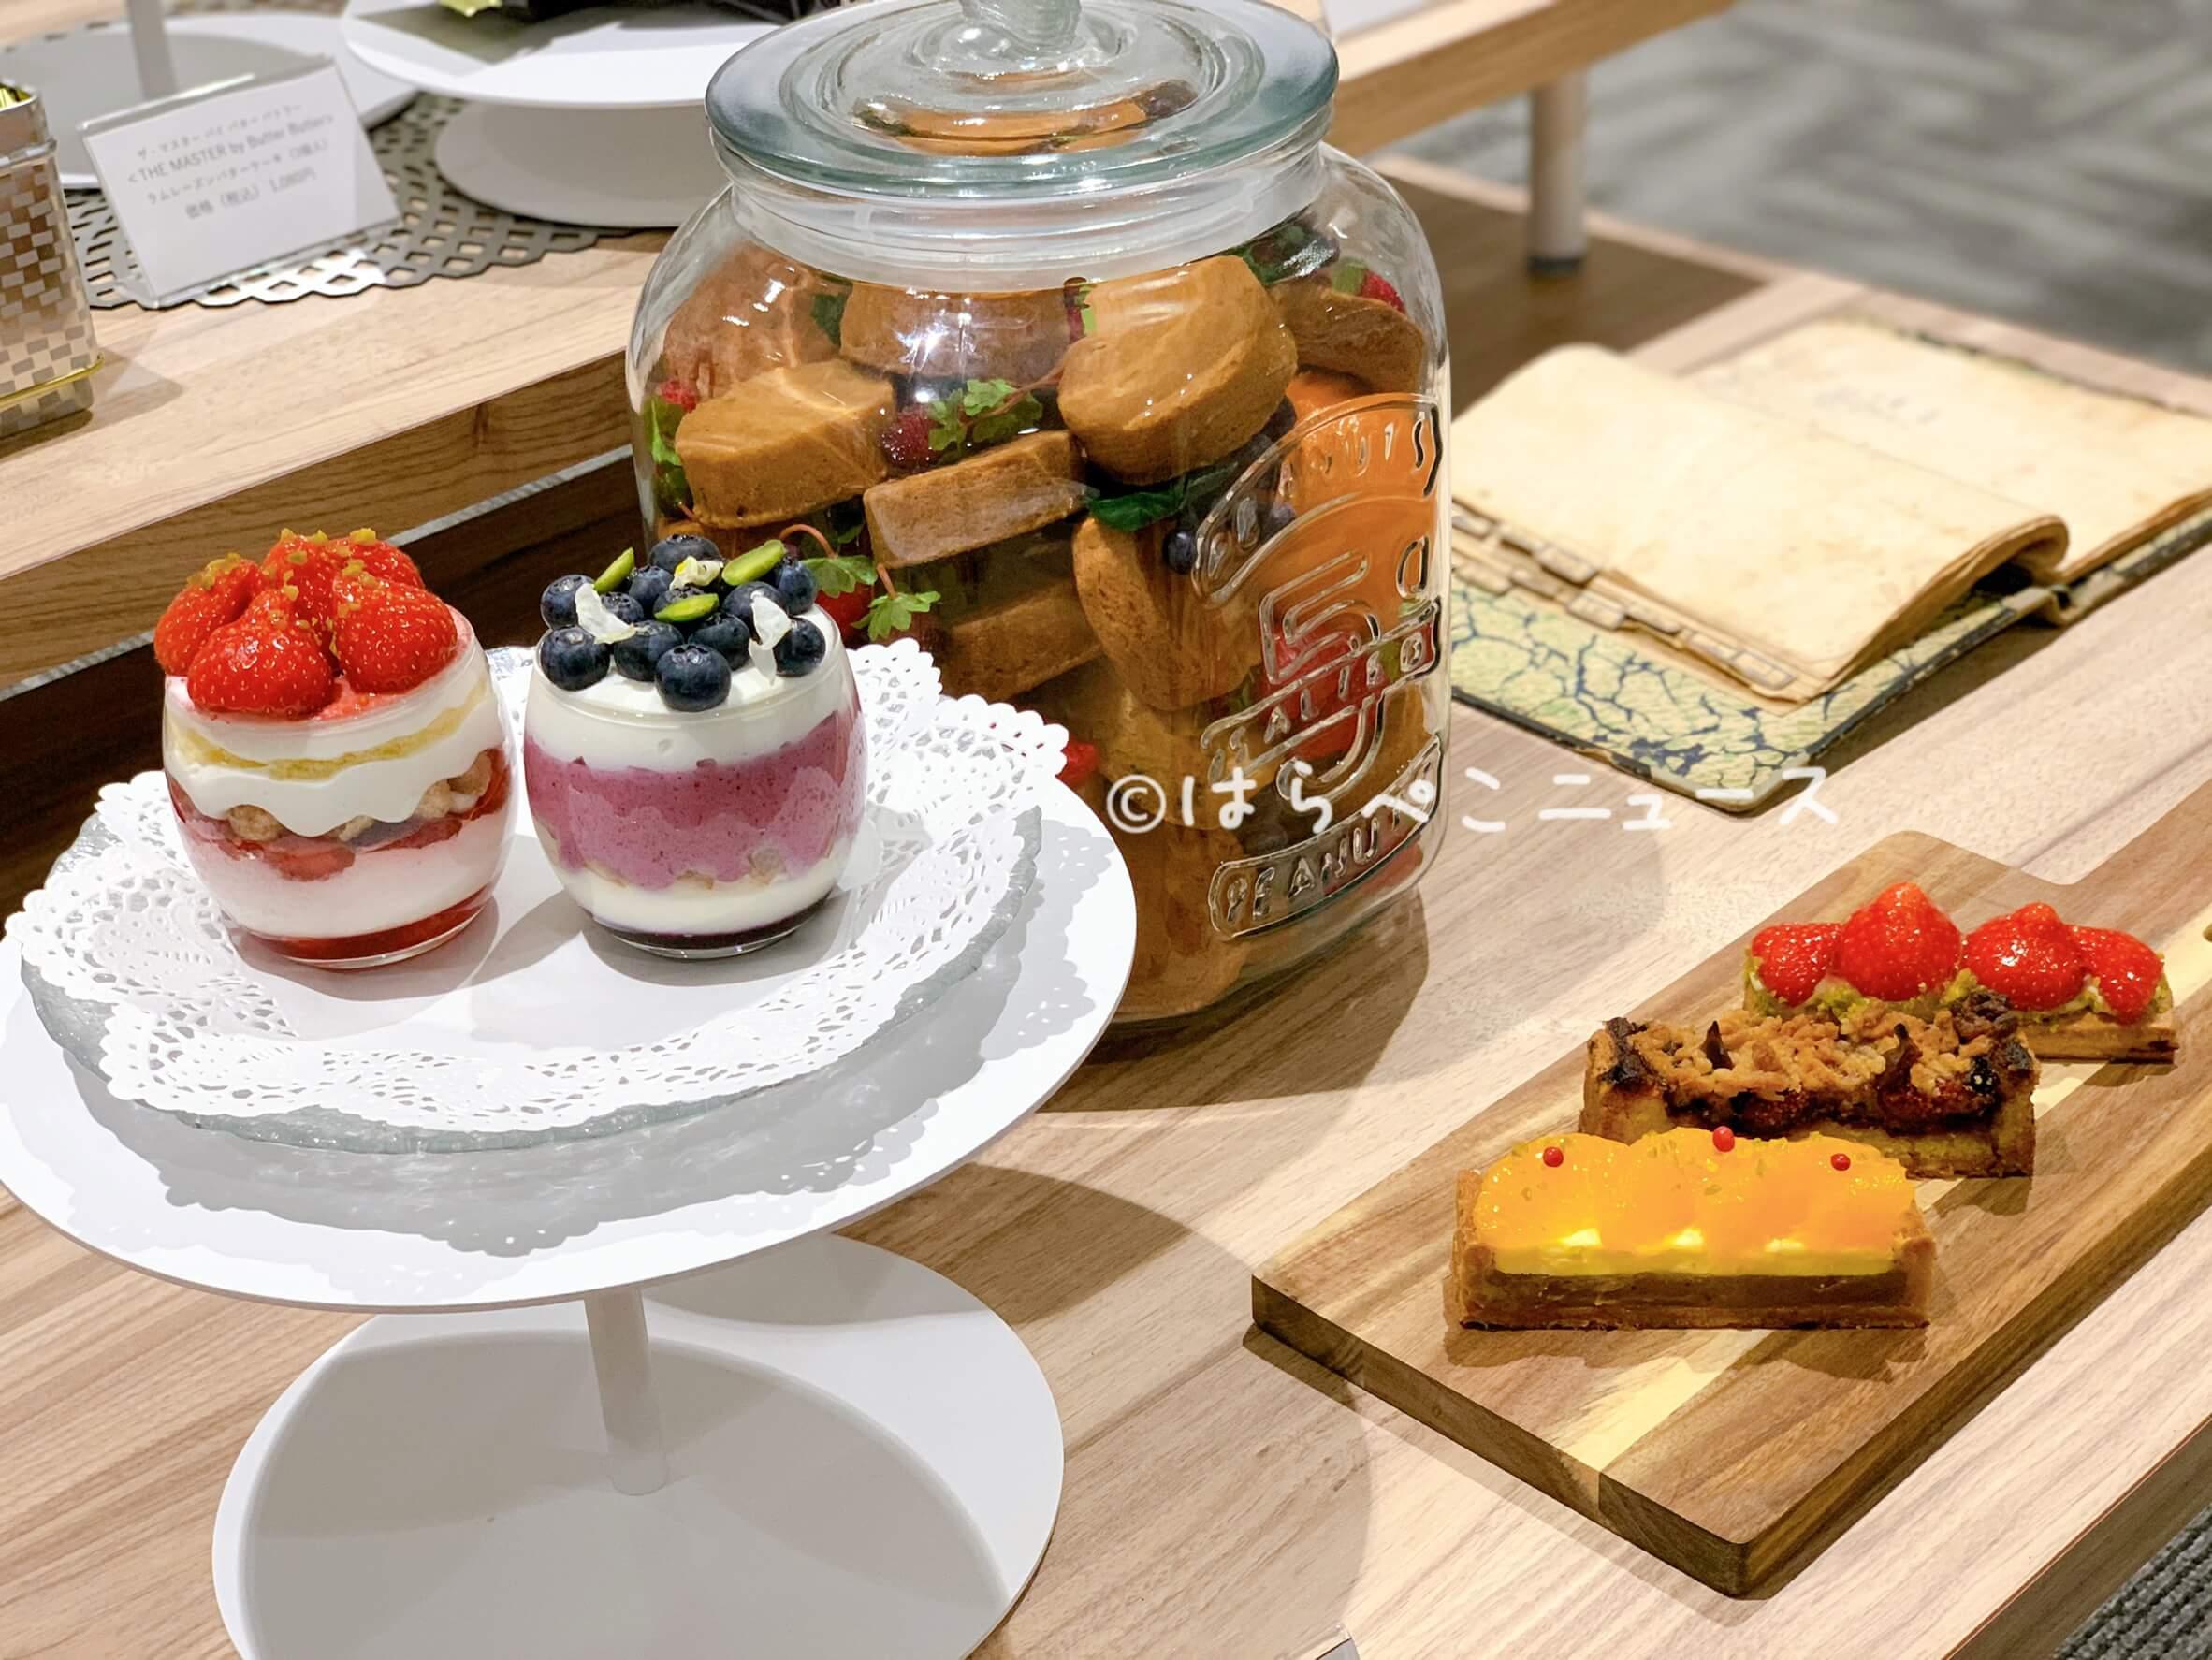 【実食レポ】横浜高島屋『フーディーズポート』17店のスウィーツマーケット!ショブレ・パイ314・フルーーツ!